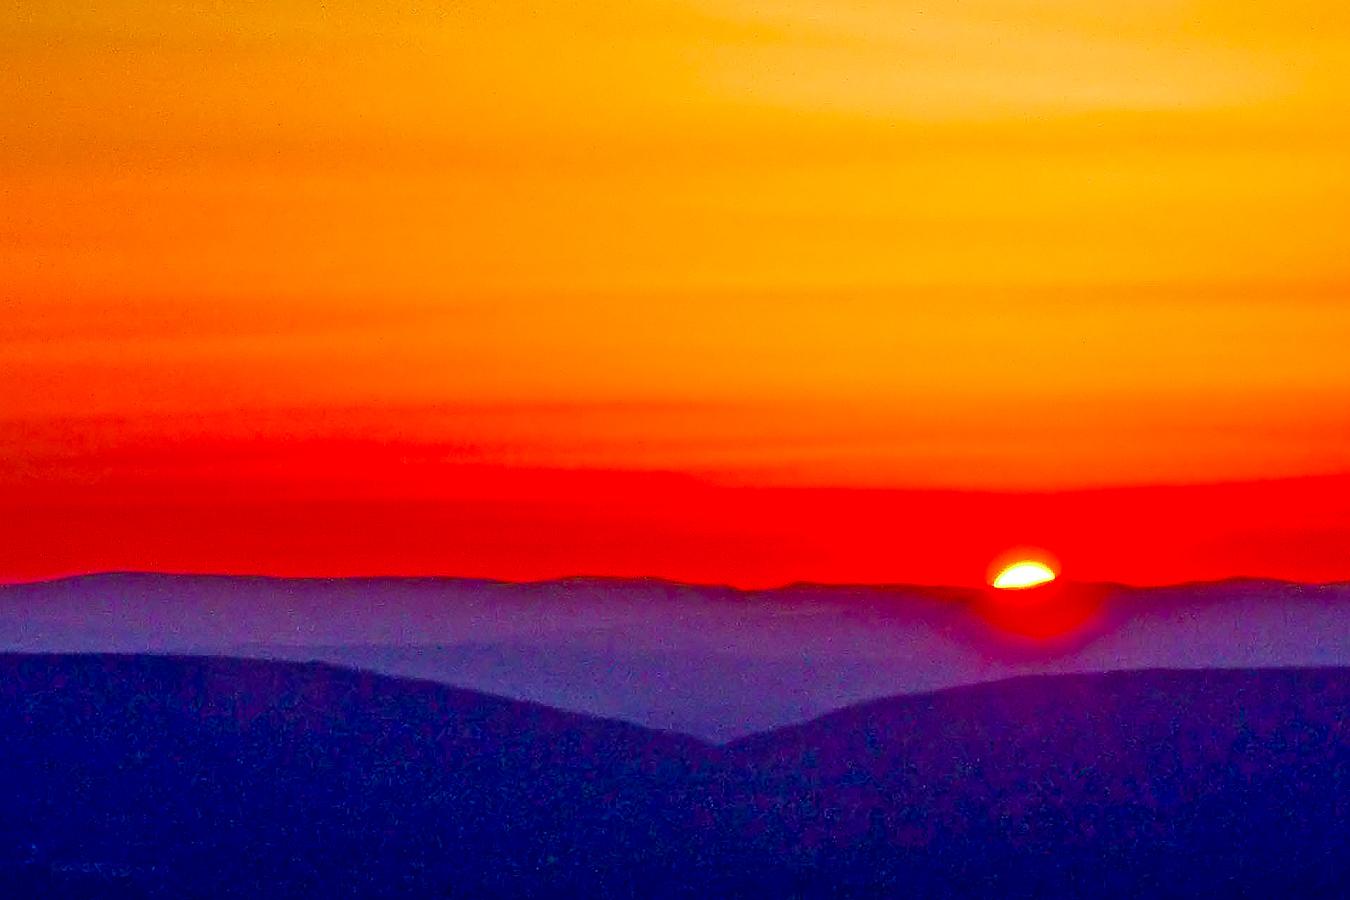 sunset-photos-landscape-0297